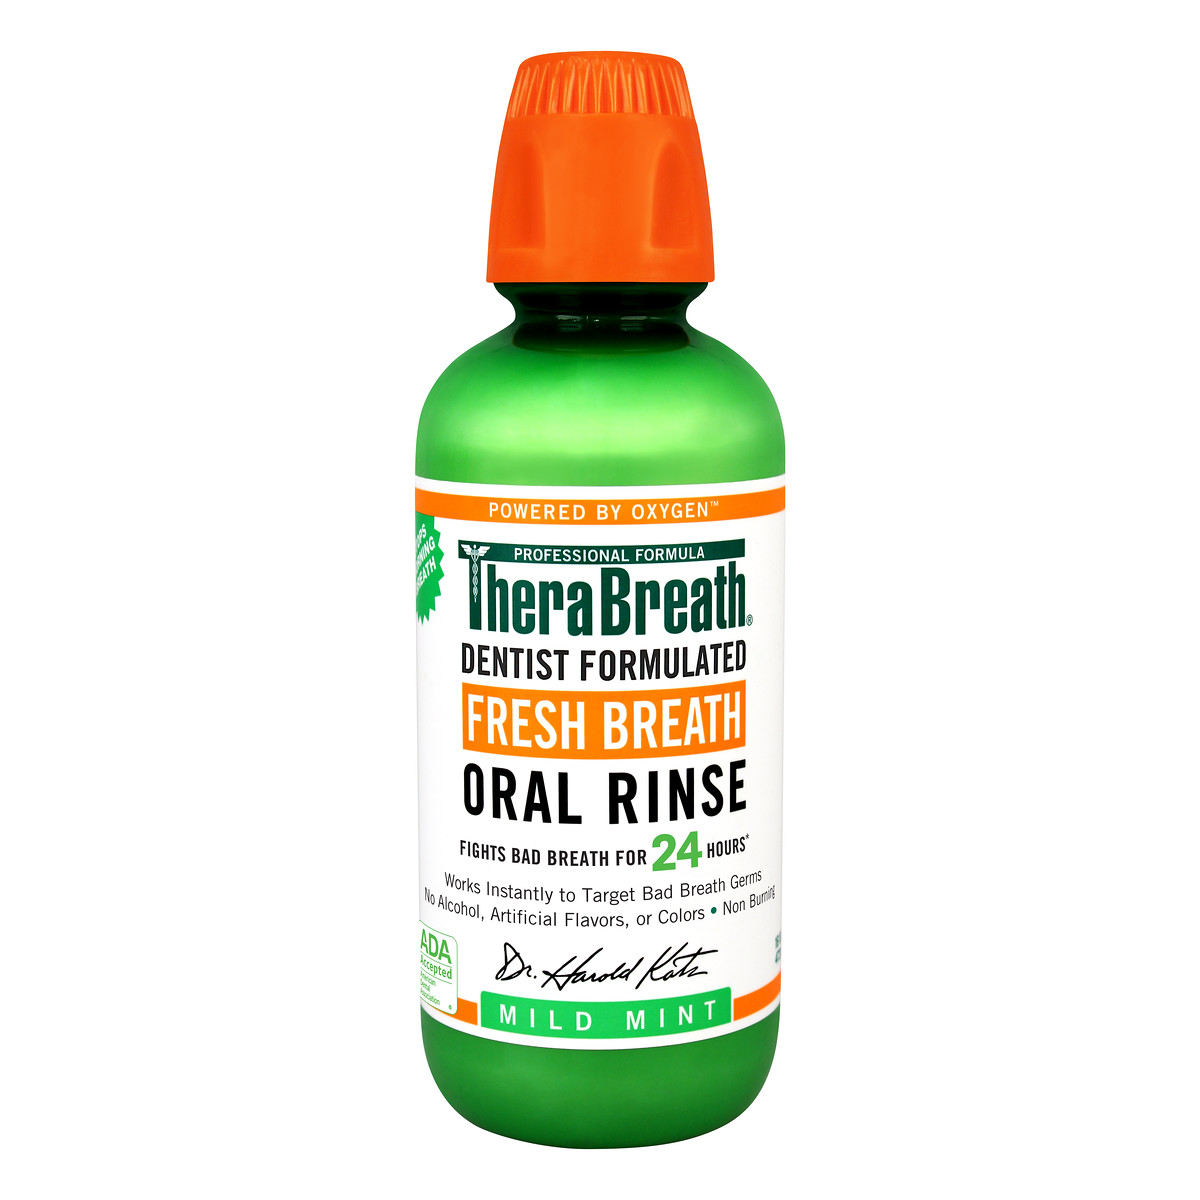 TheraBreath Fresh Breath Oral Rinse, Mild Mint, 16.0 FL OZ